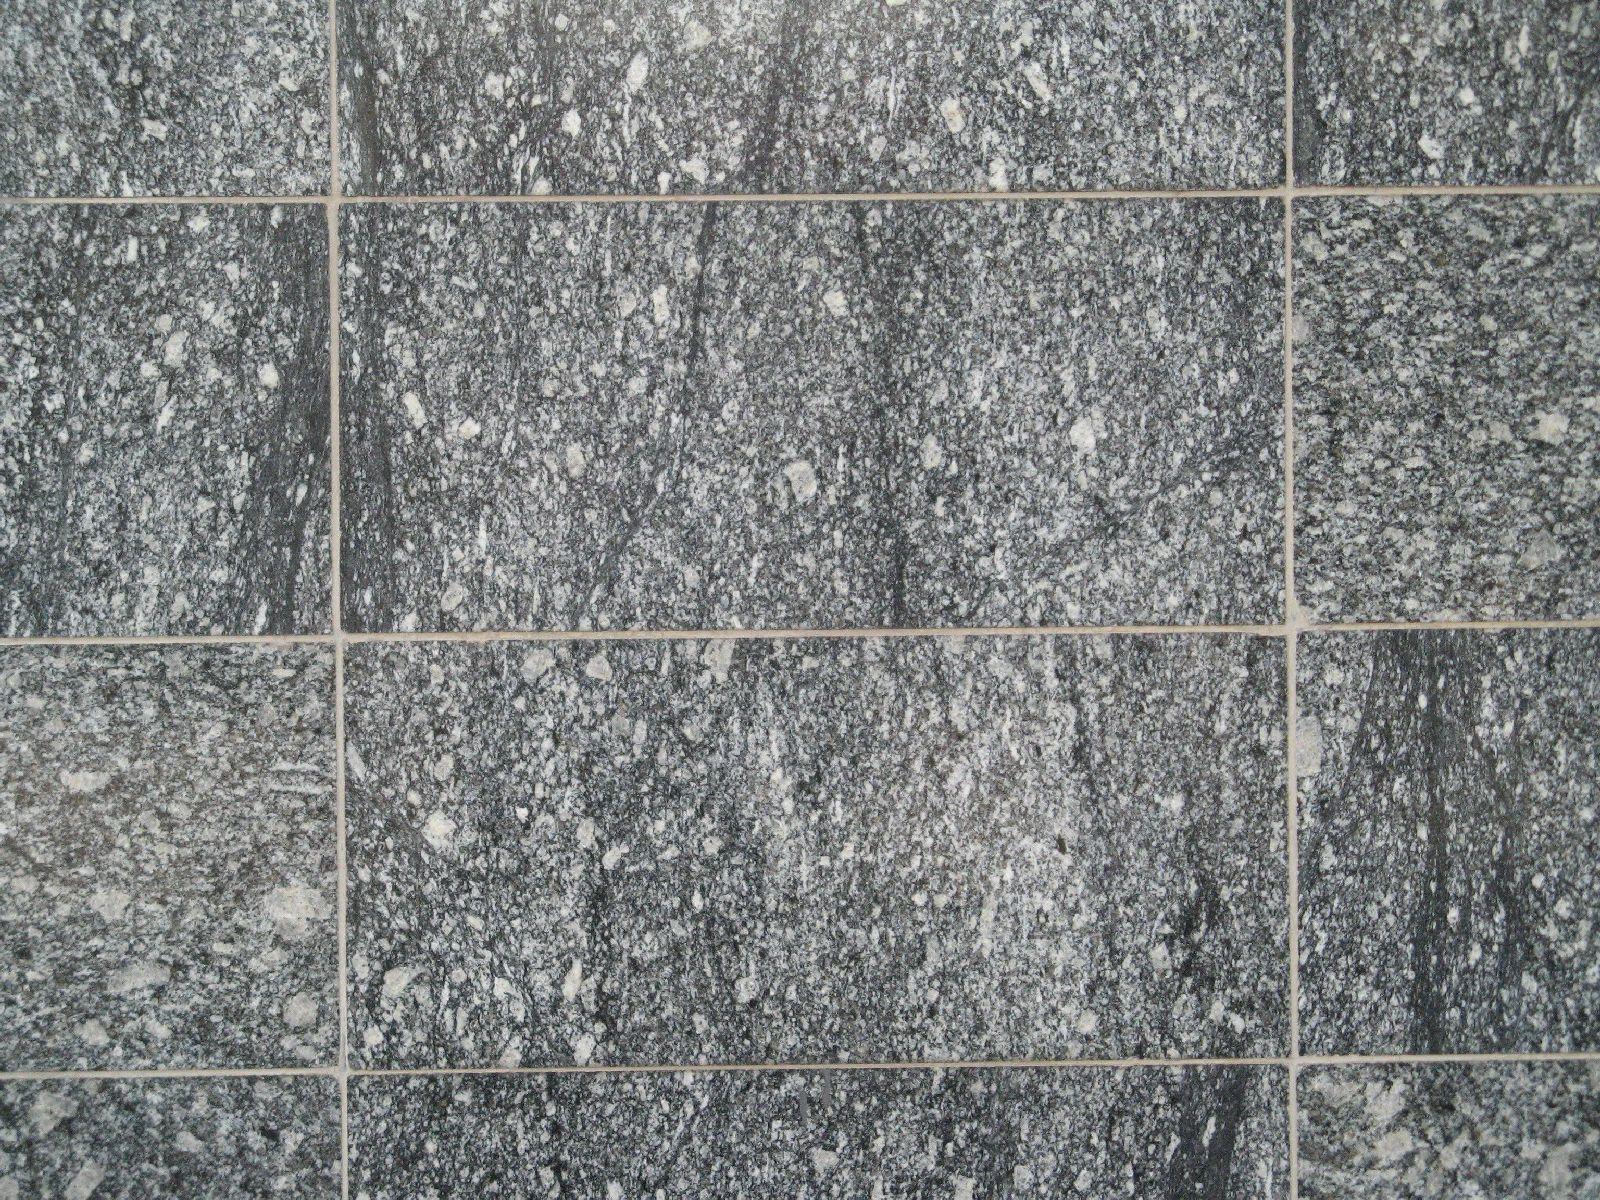 Ground-Urban_Texture_B_3601